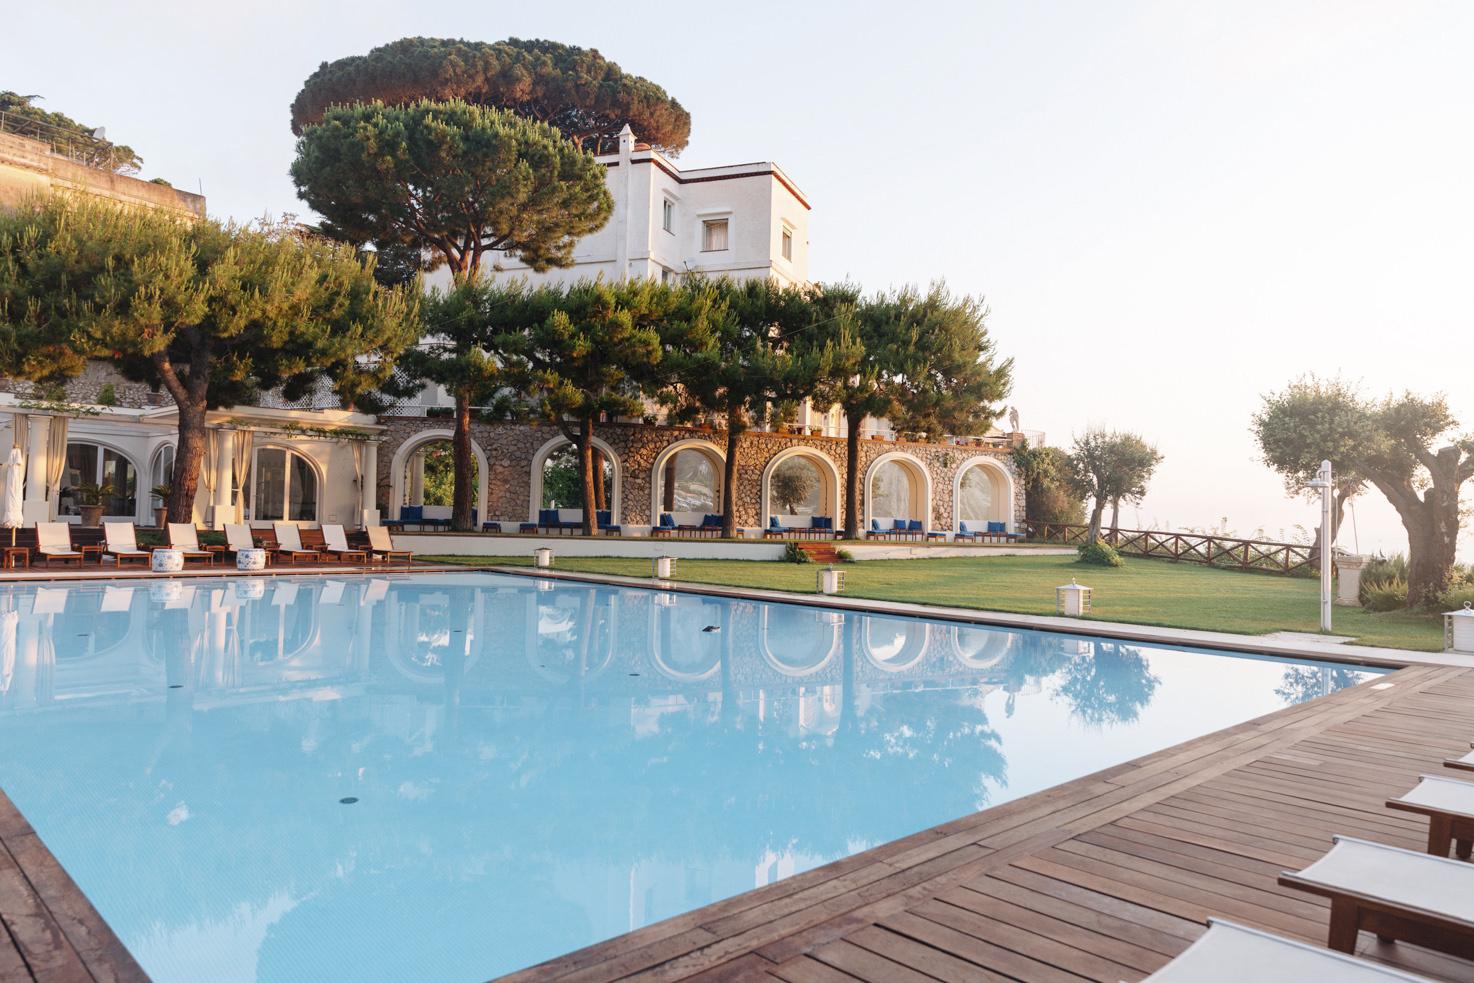 JK Place panoramic pool